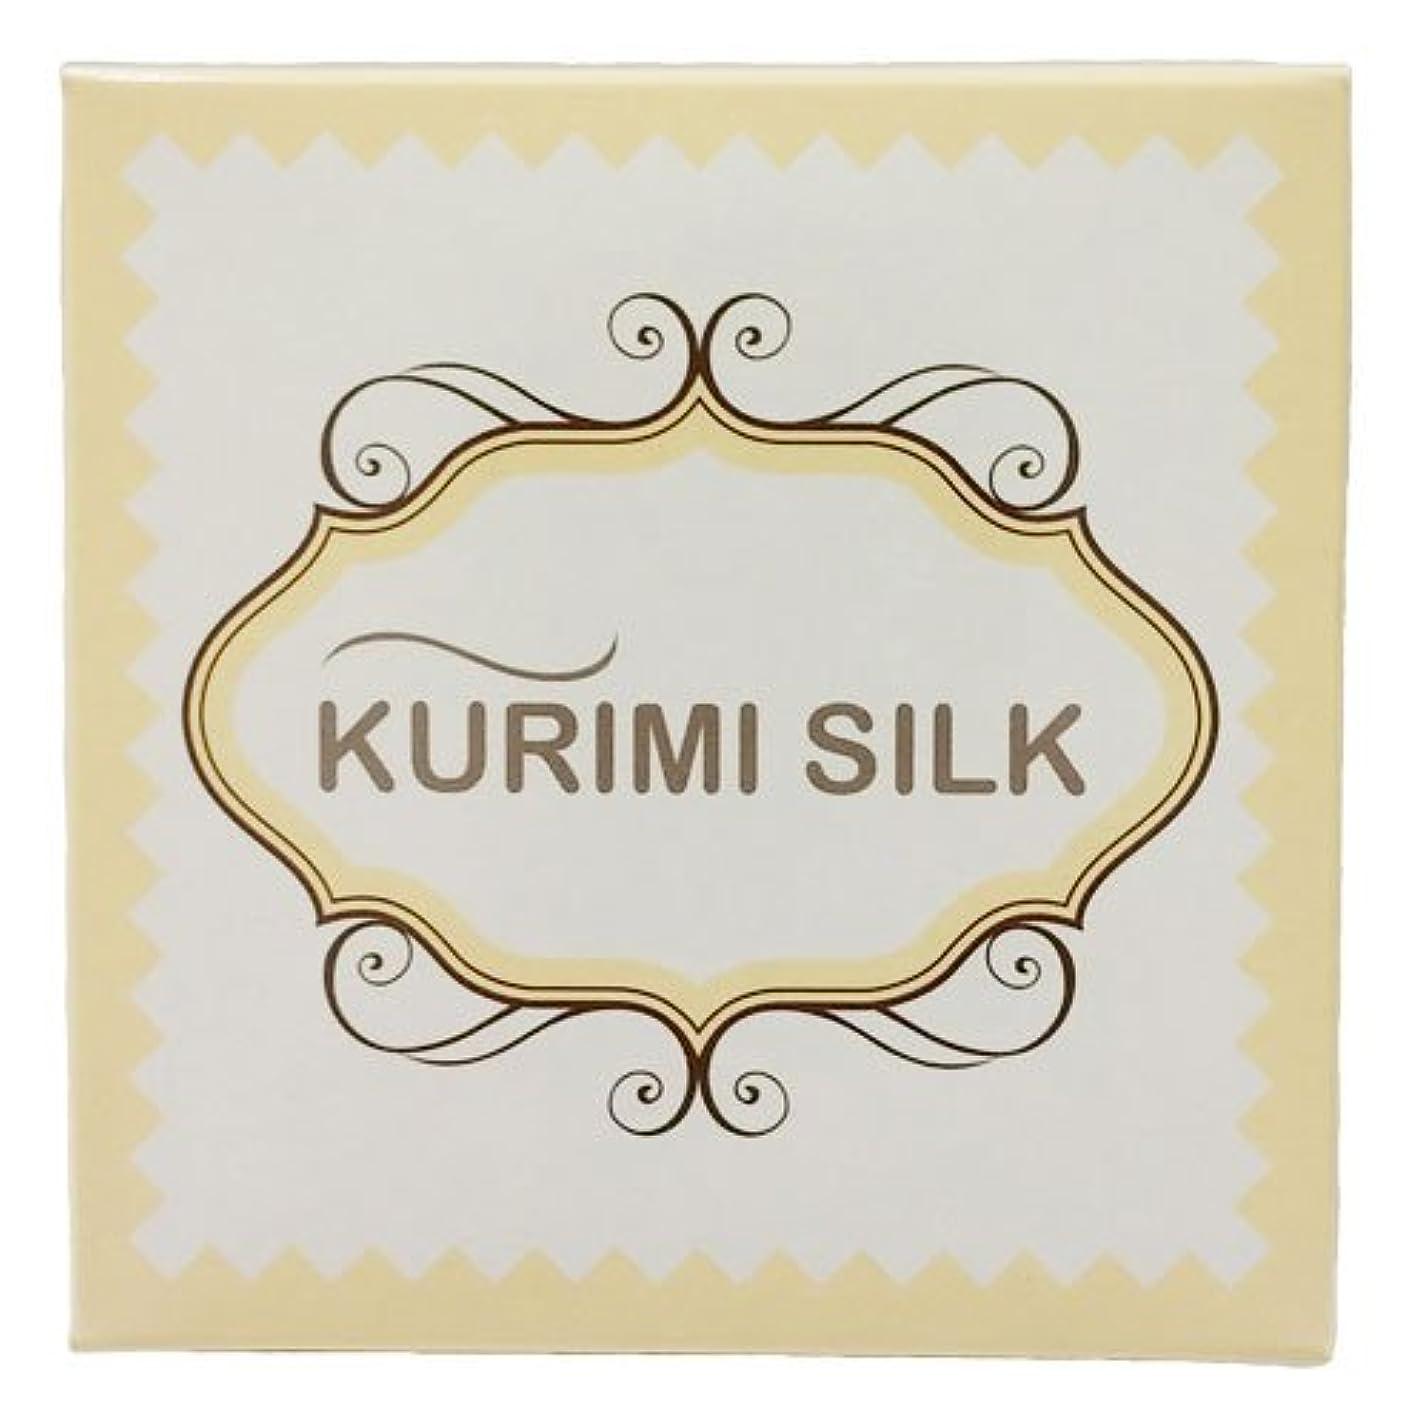 ラフ本会議人工的なKURIMI SILK クリミシルク 美白?保湿(わくねり化粧石けん) (1個)